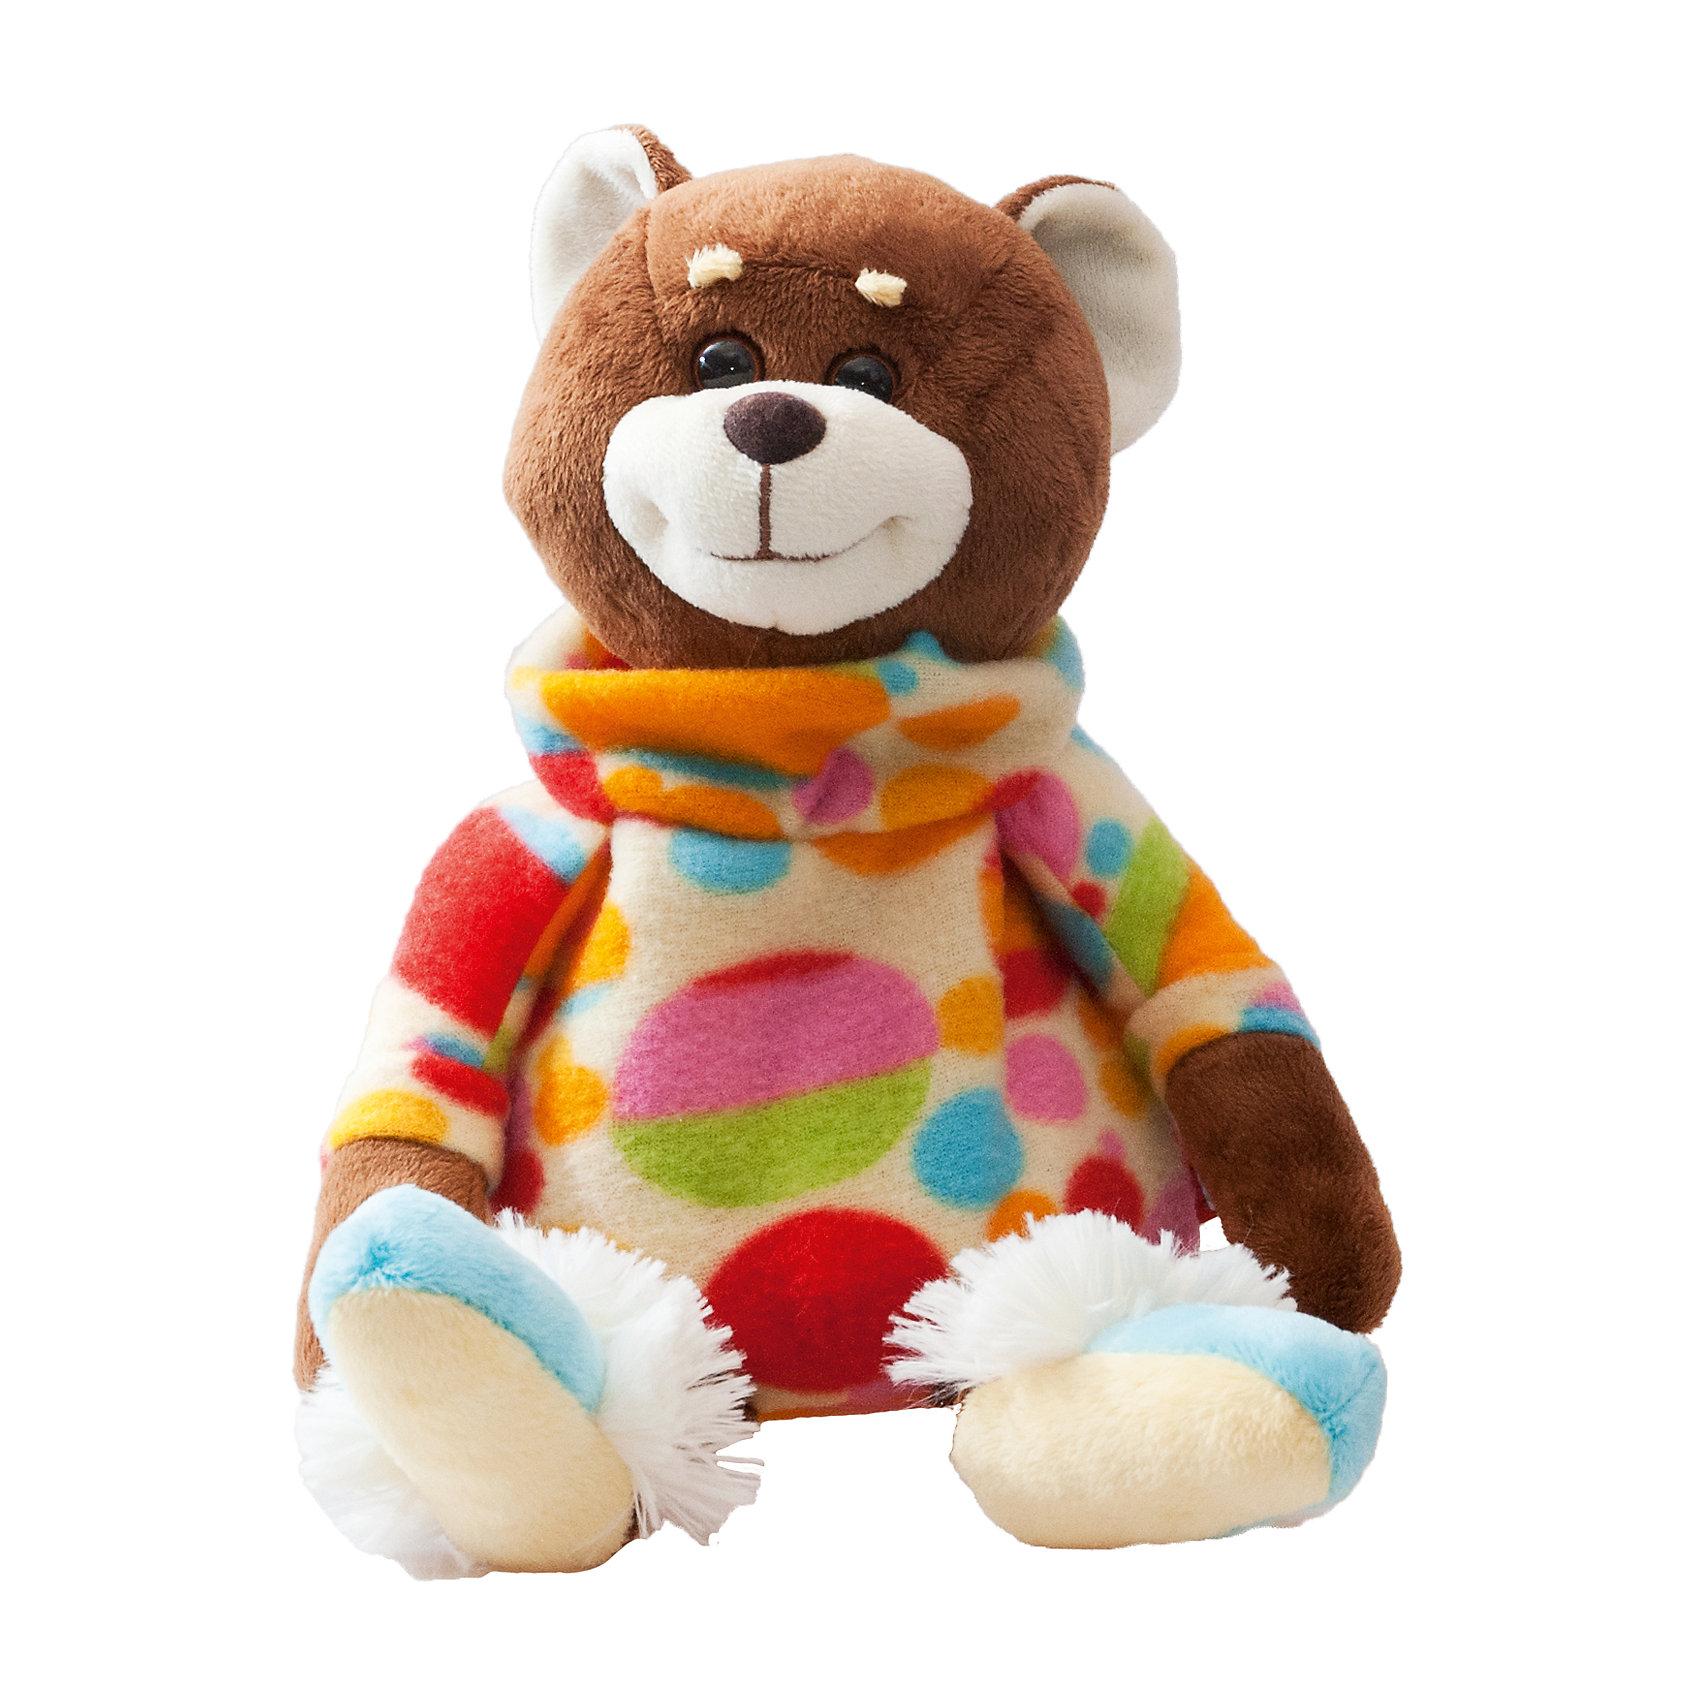 Мягкая игрушка Мишка-грелка, Fancy<br><br>Ширина мм: 170<br>Глубина мм: 210<br>Высота мм: 290<br>Вес г: 465<br>Возраст от месяцев: 36<br>Возраст до месяцев: 96<br>Пол: Унисекс<br>Возраст: Детский<br>SKU: 4318188